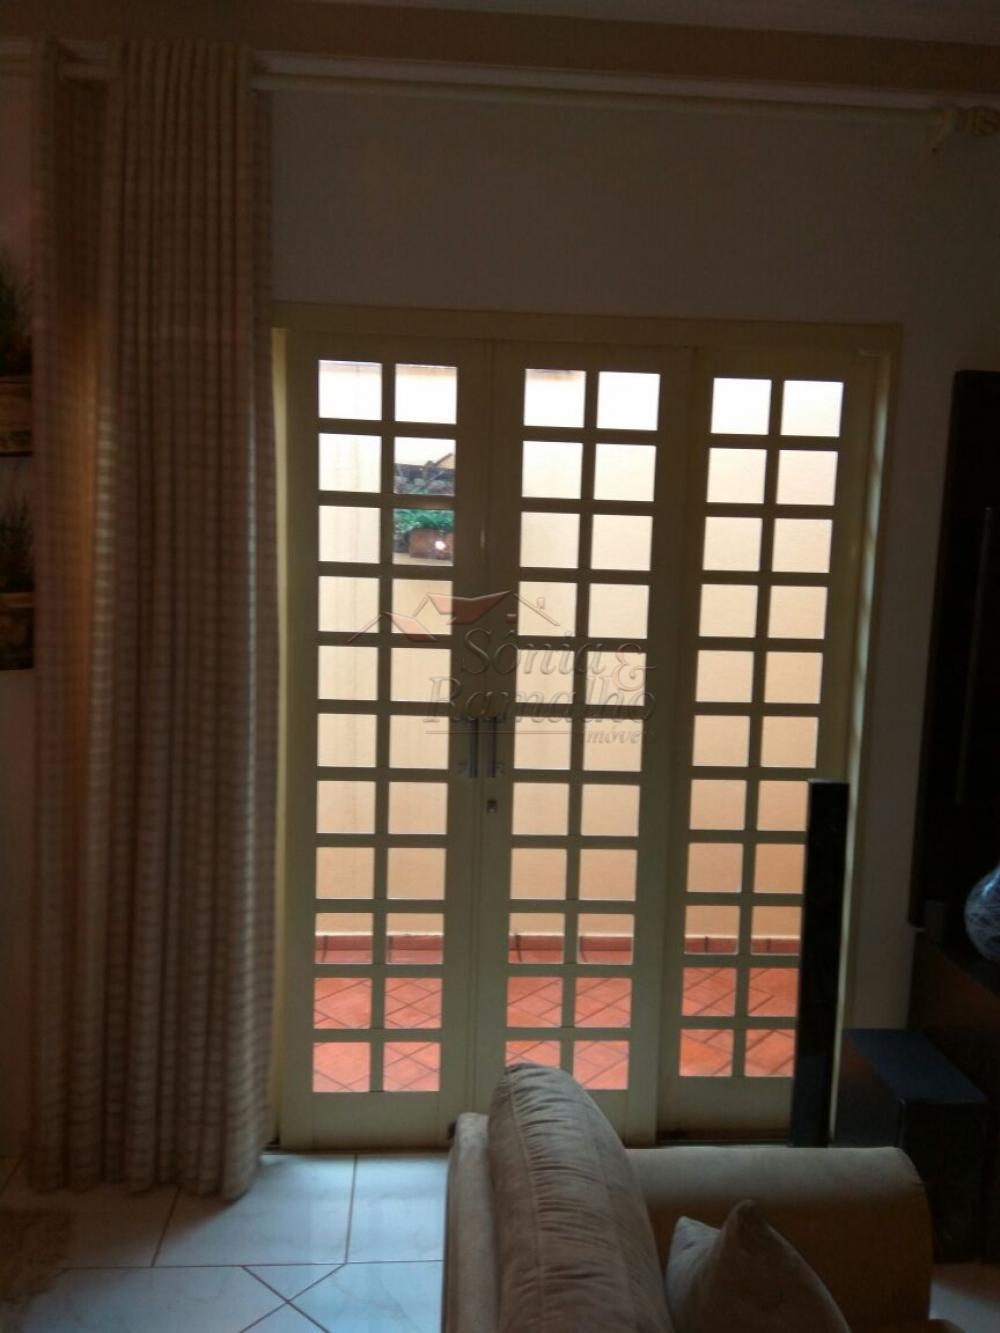 Comprar Casas / Padrão em Ribeirão Preto apenas R$ 420.000,00 - Foto 5